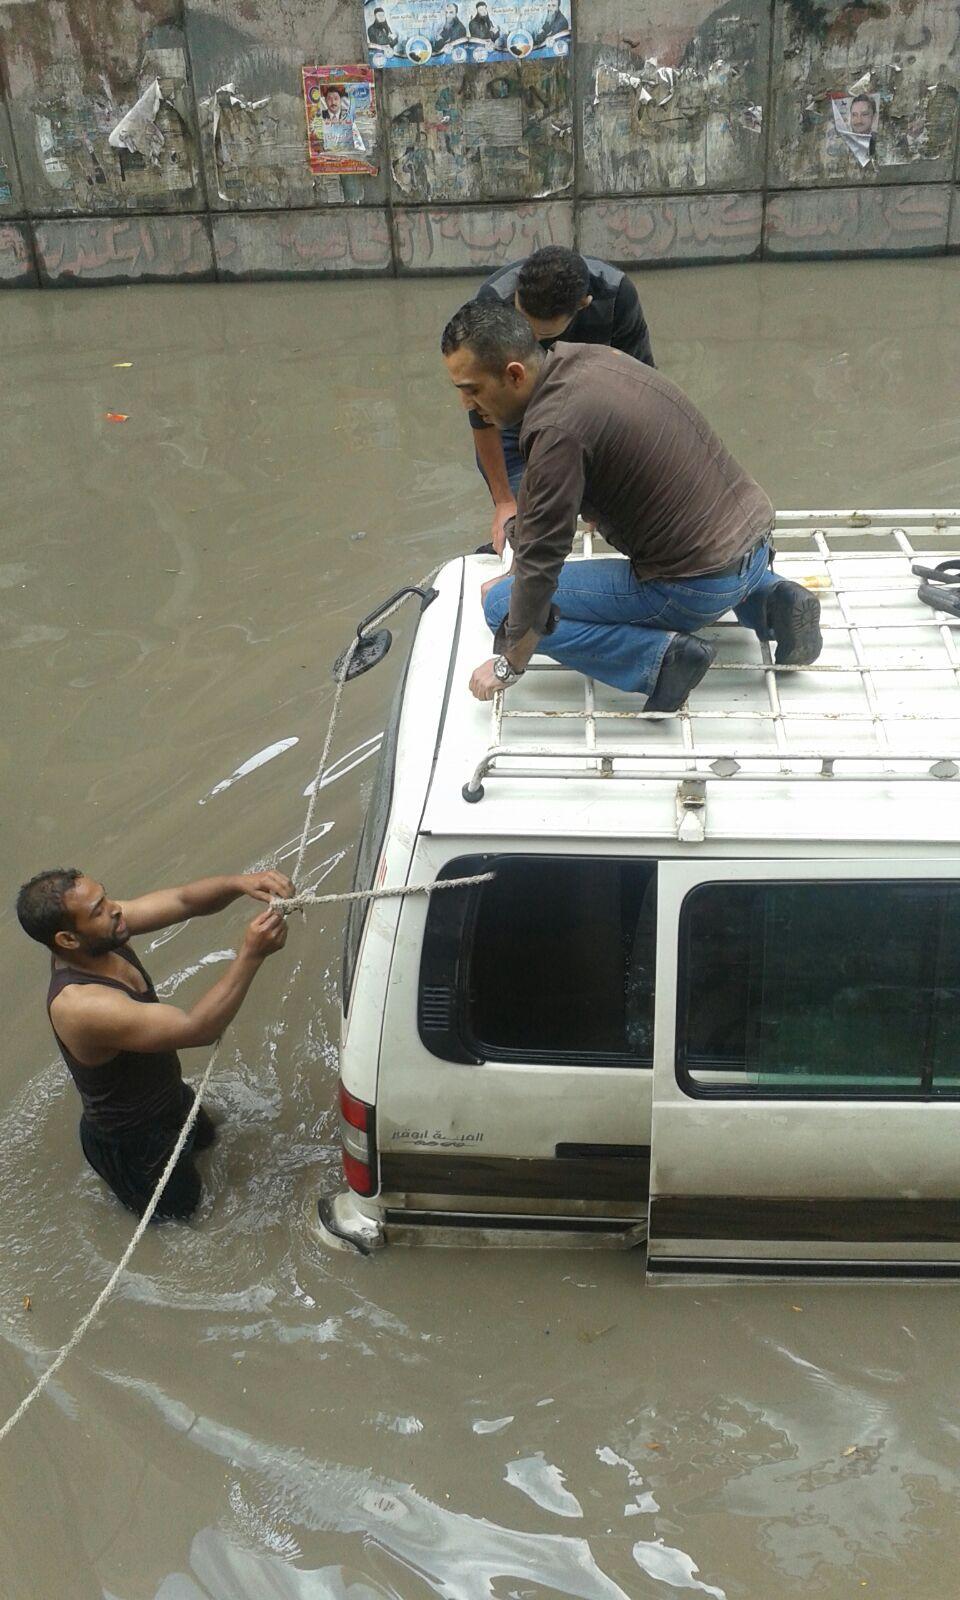 لحظة نجدة سيارات احتجزها المطر في نفق جمال عبدالناصر بالإسكندرية